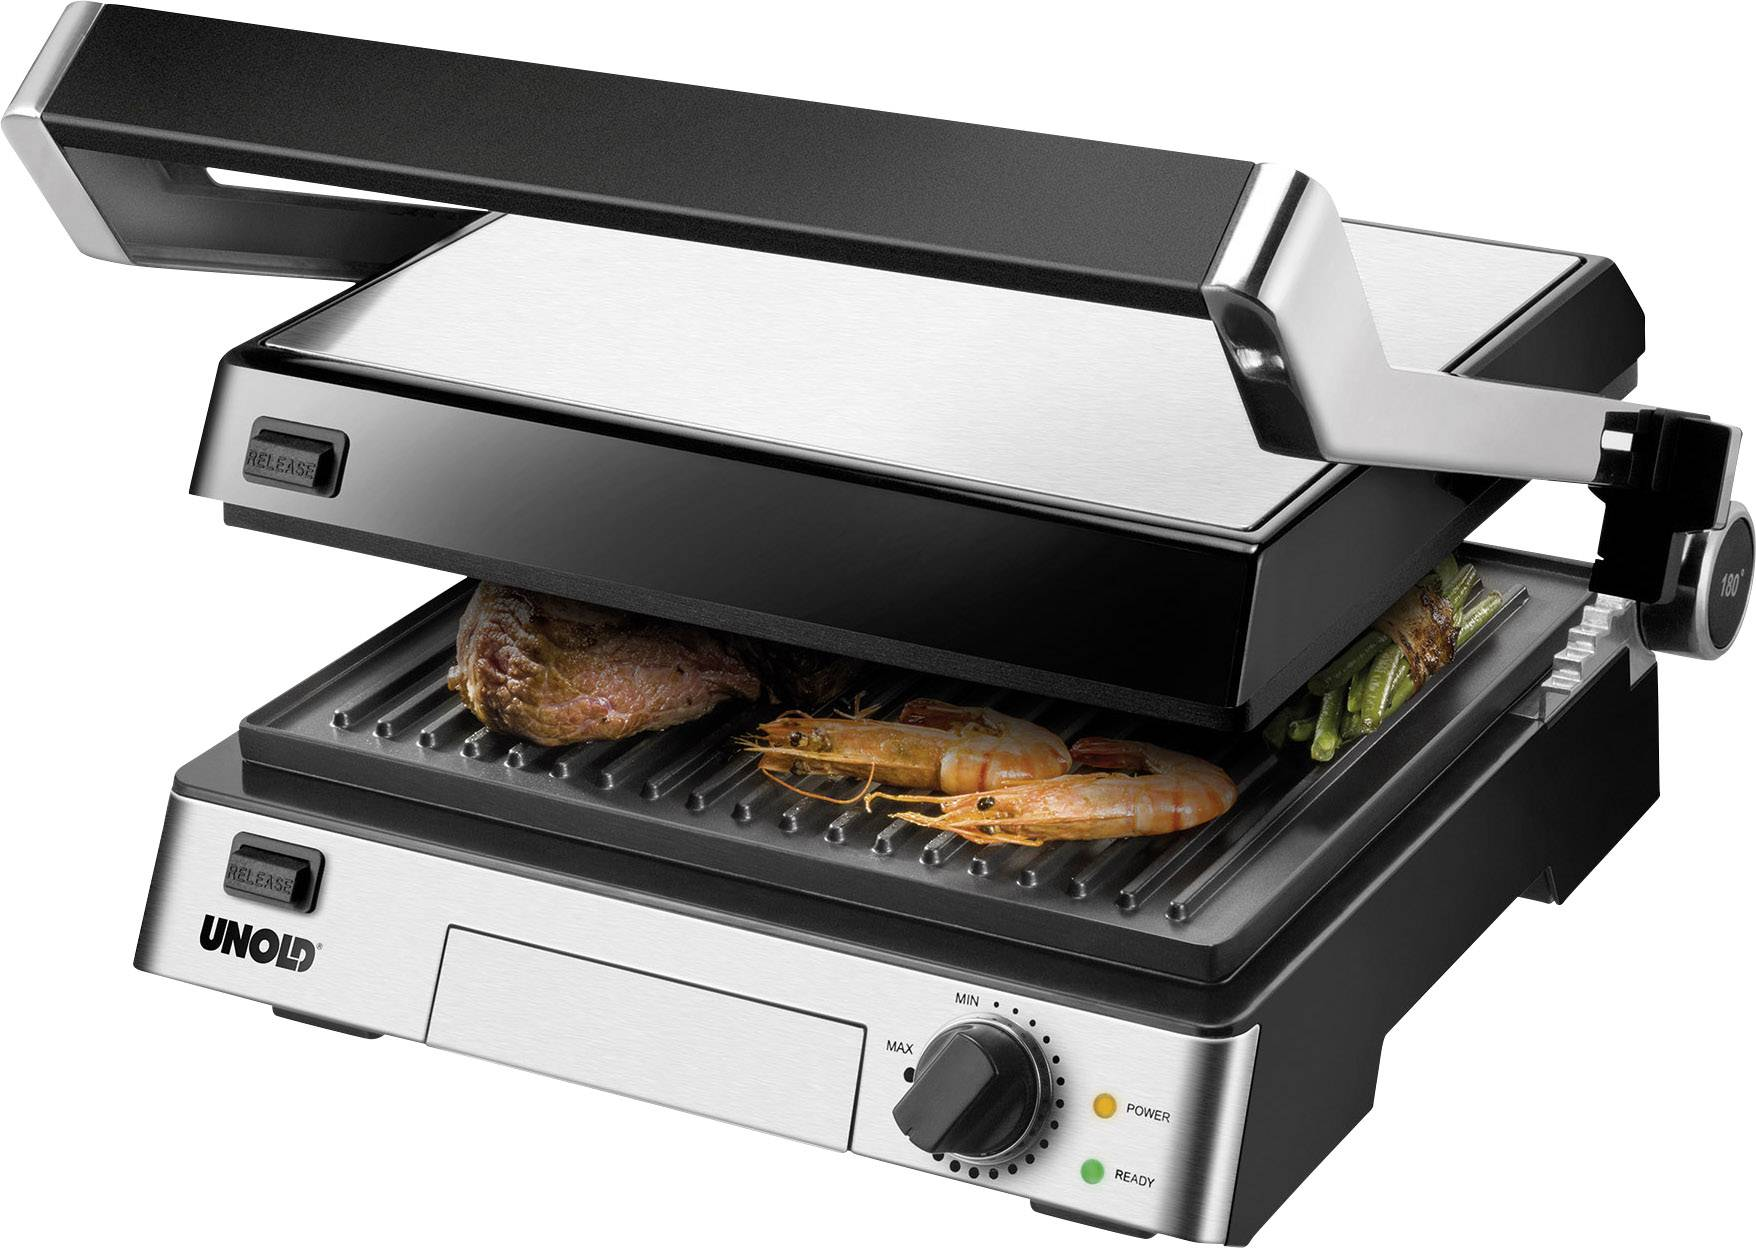 Tisch Holzkohlegrill Für Innen : Tefal bbq family tisch grill grill platte elektro grill kontakt